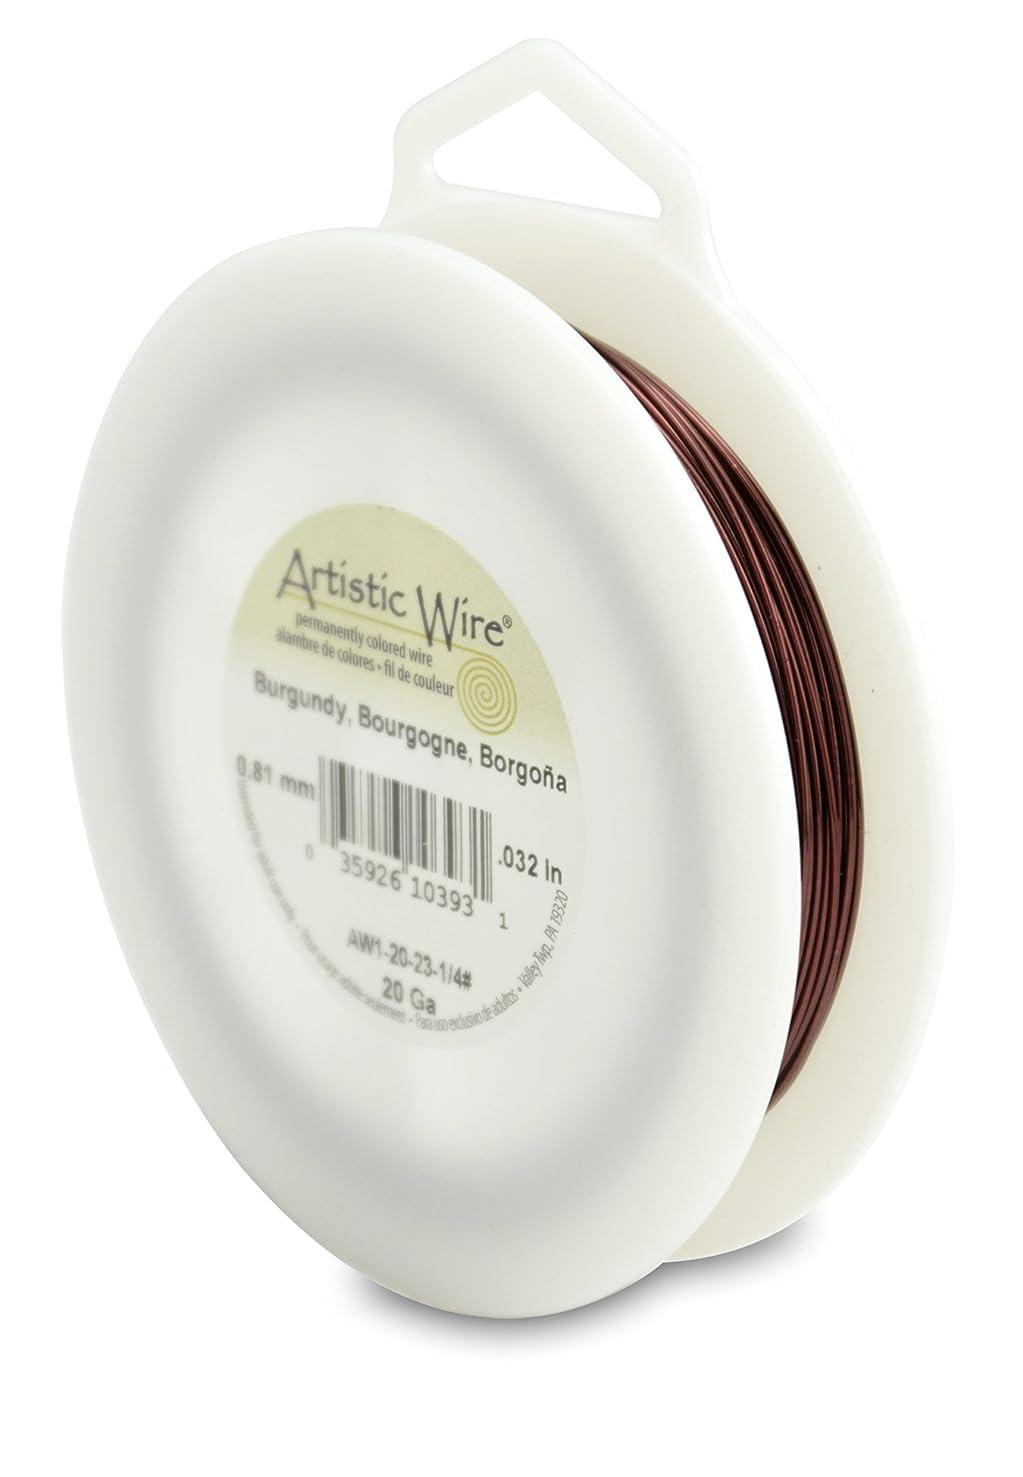 Artistic Wire 20-Gauge Burgundy Wire, 1/4-Pound